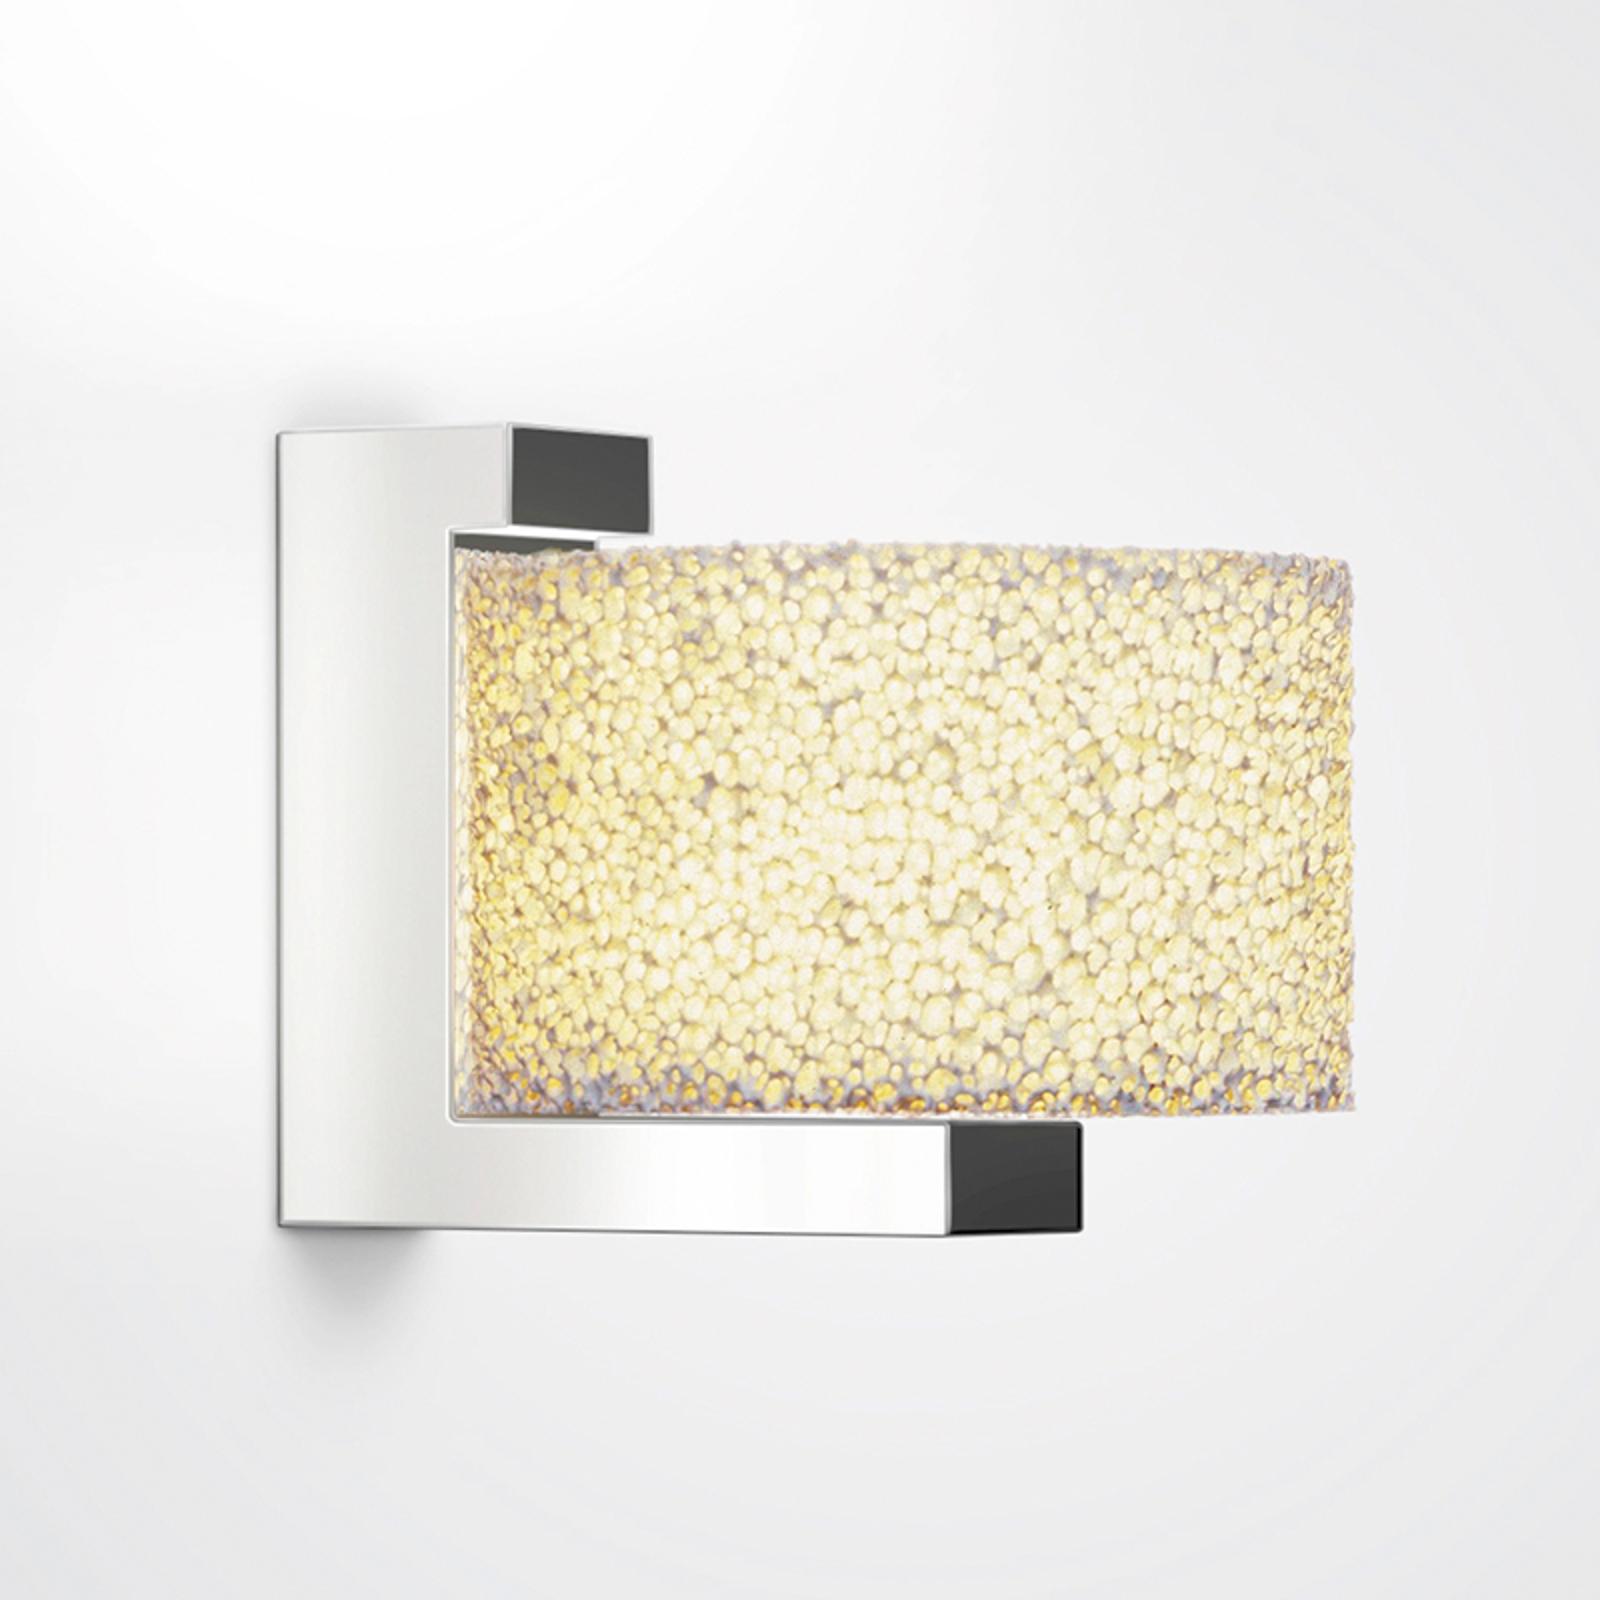 Applique en mousse céramique Reef à LED dimmables